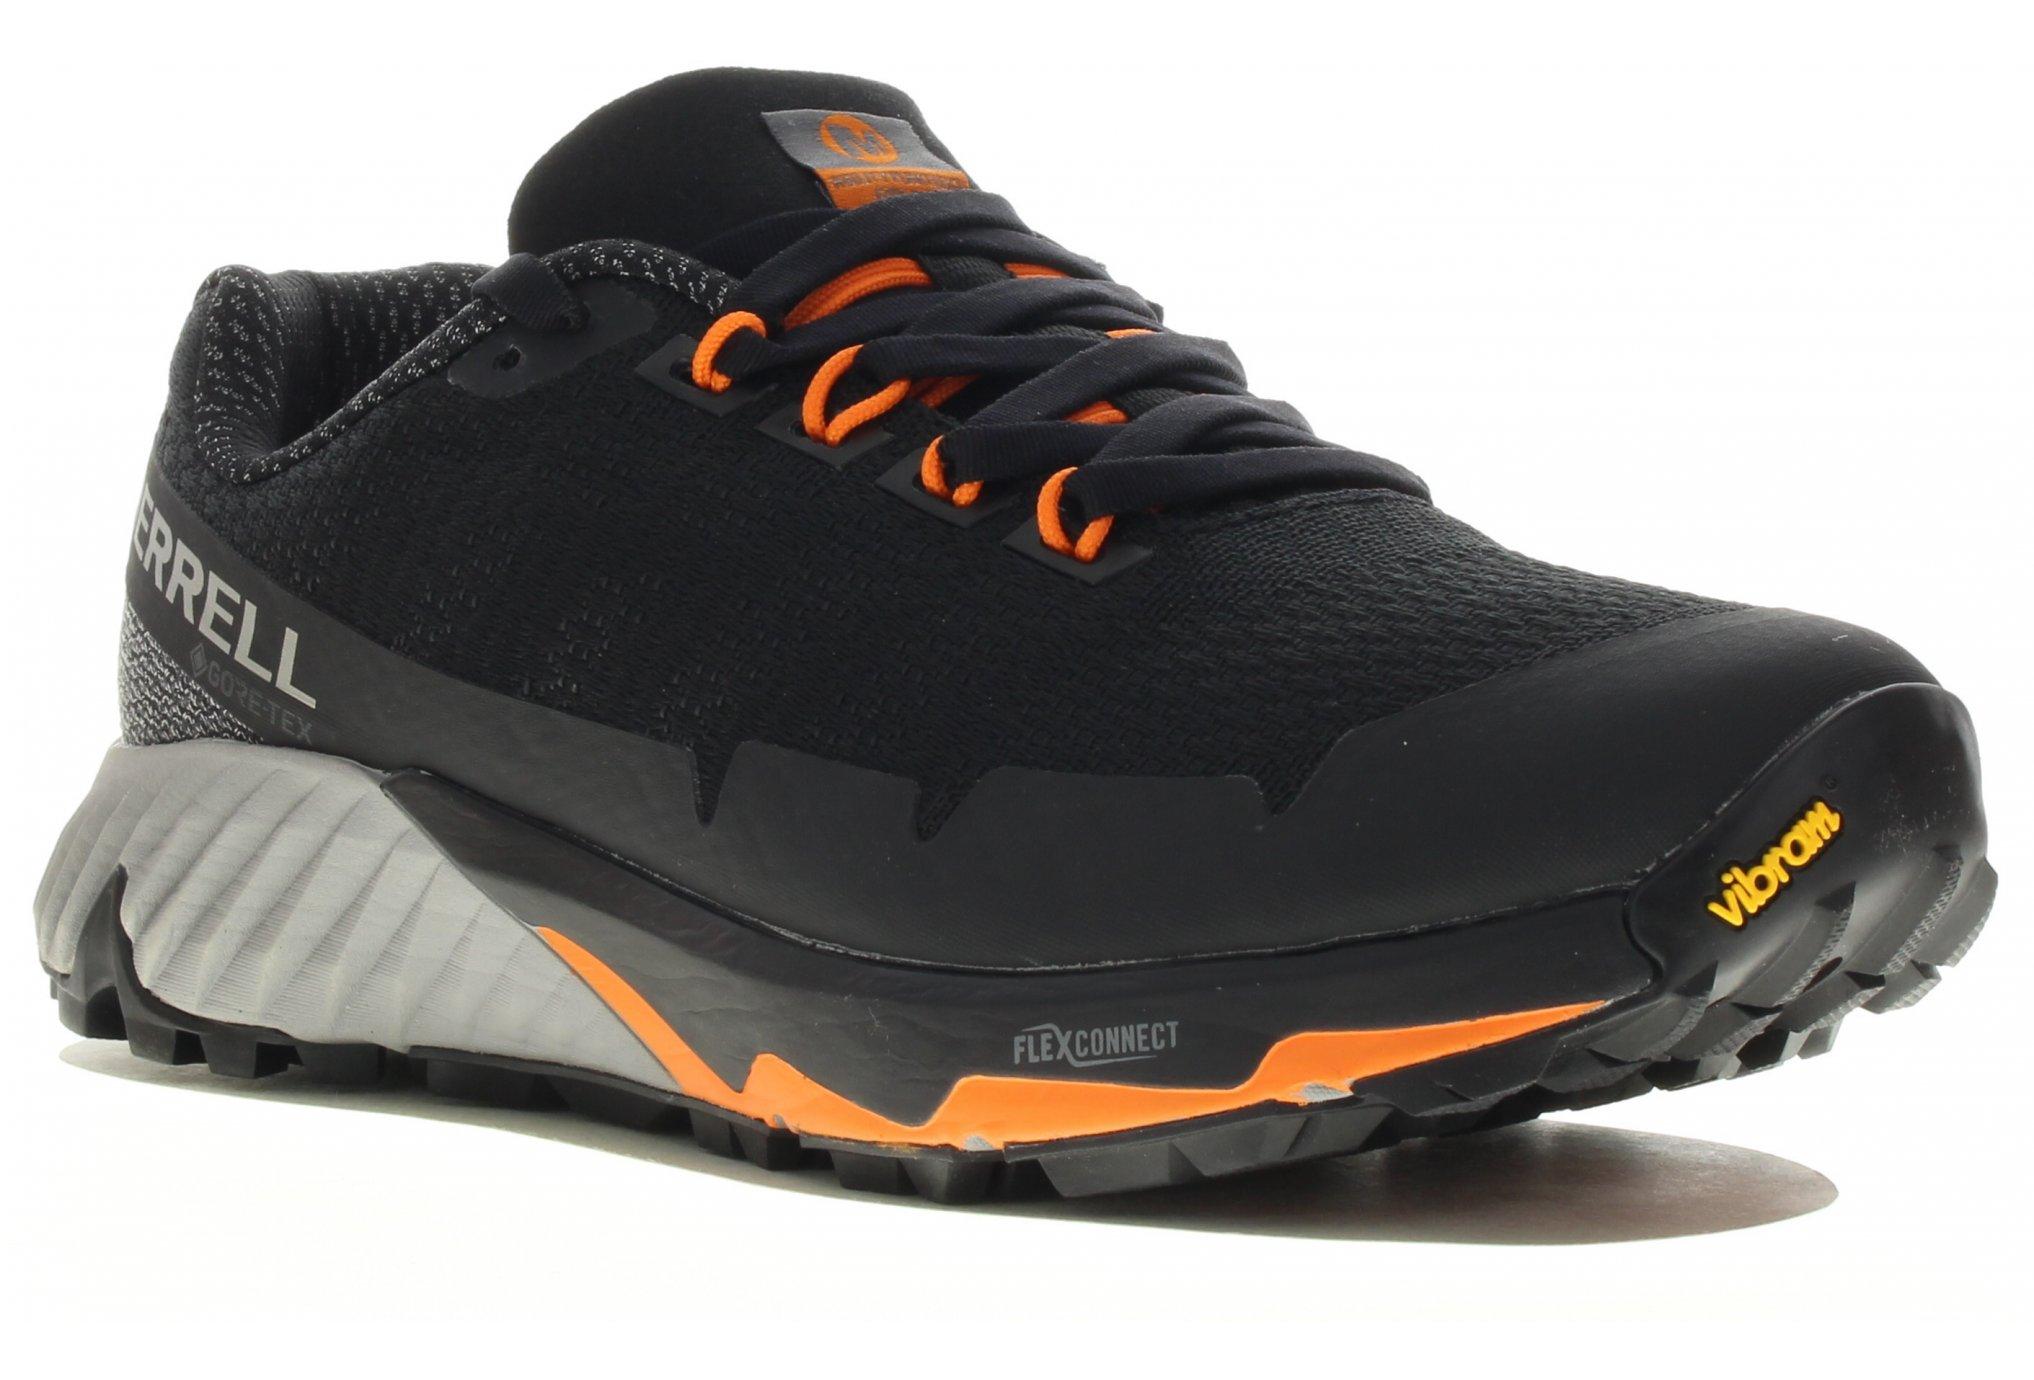 Merrell Agility Peak Flex 3 Gore-Tex M Diététique Chaussures homme